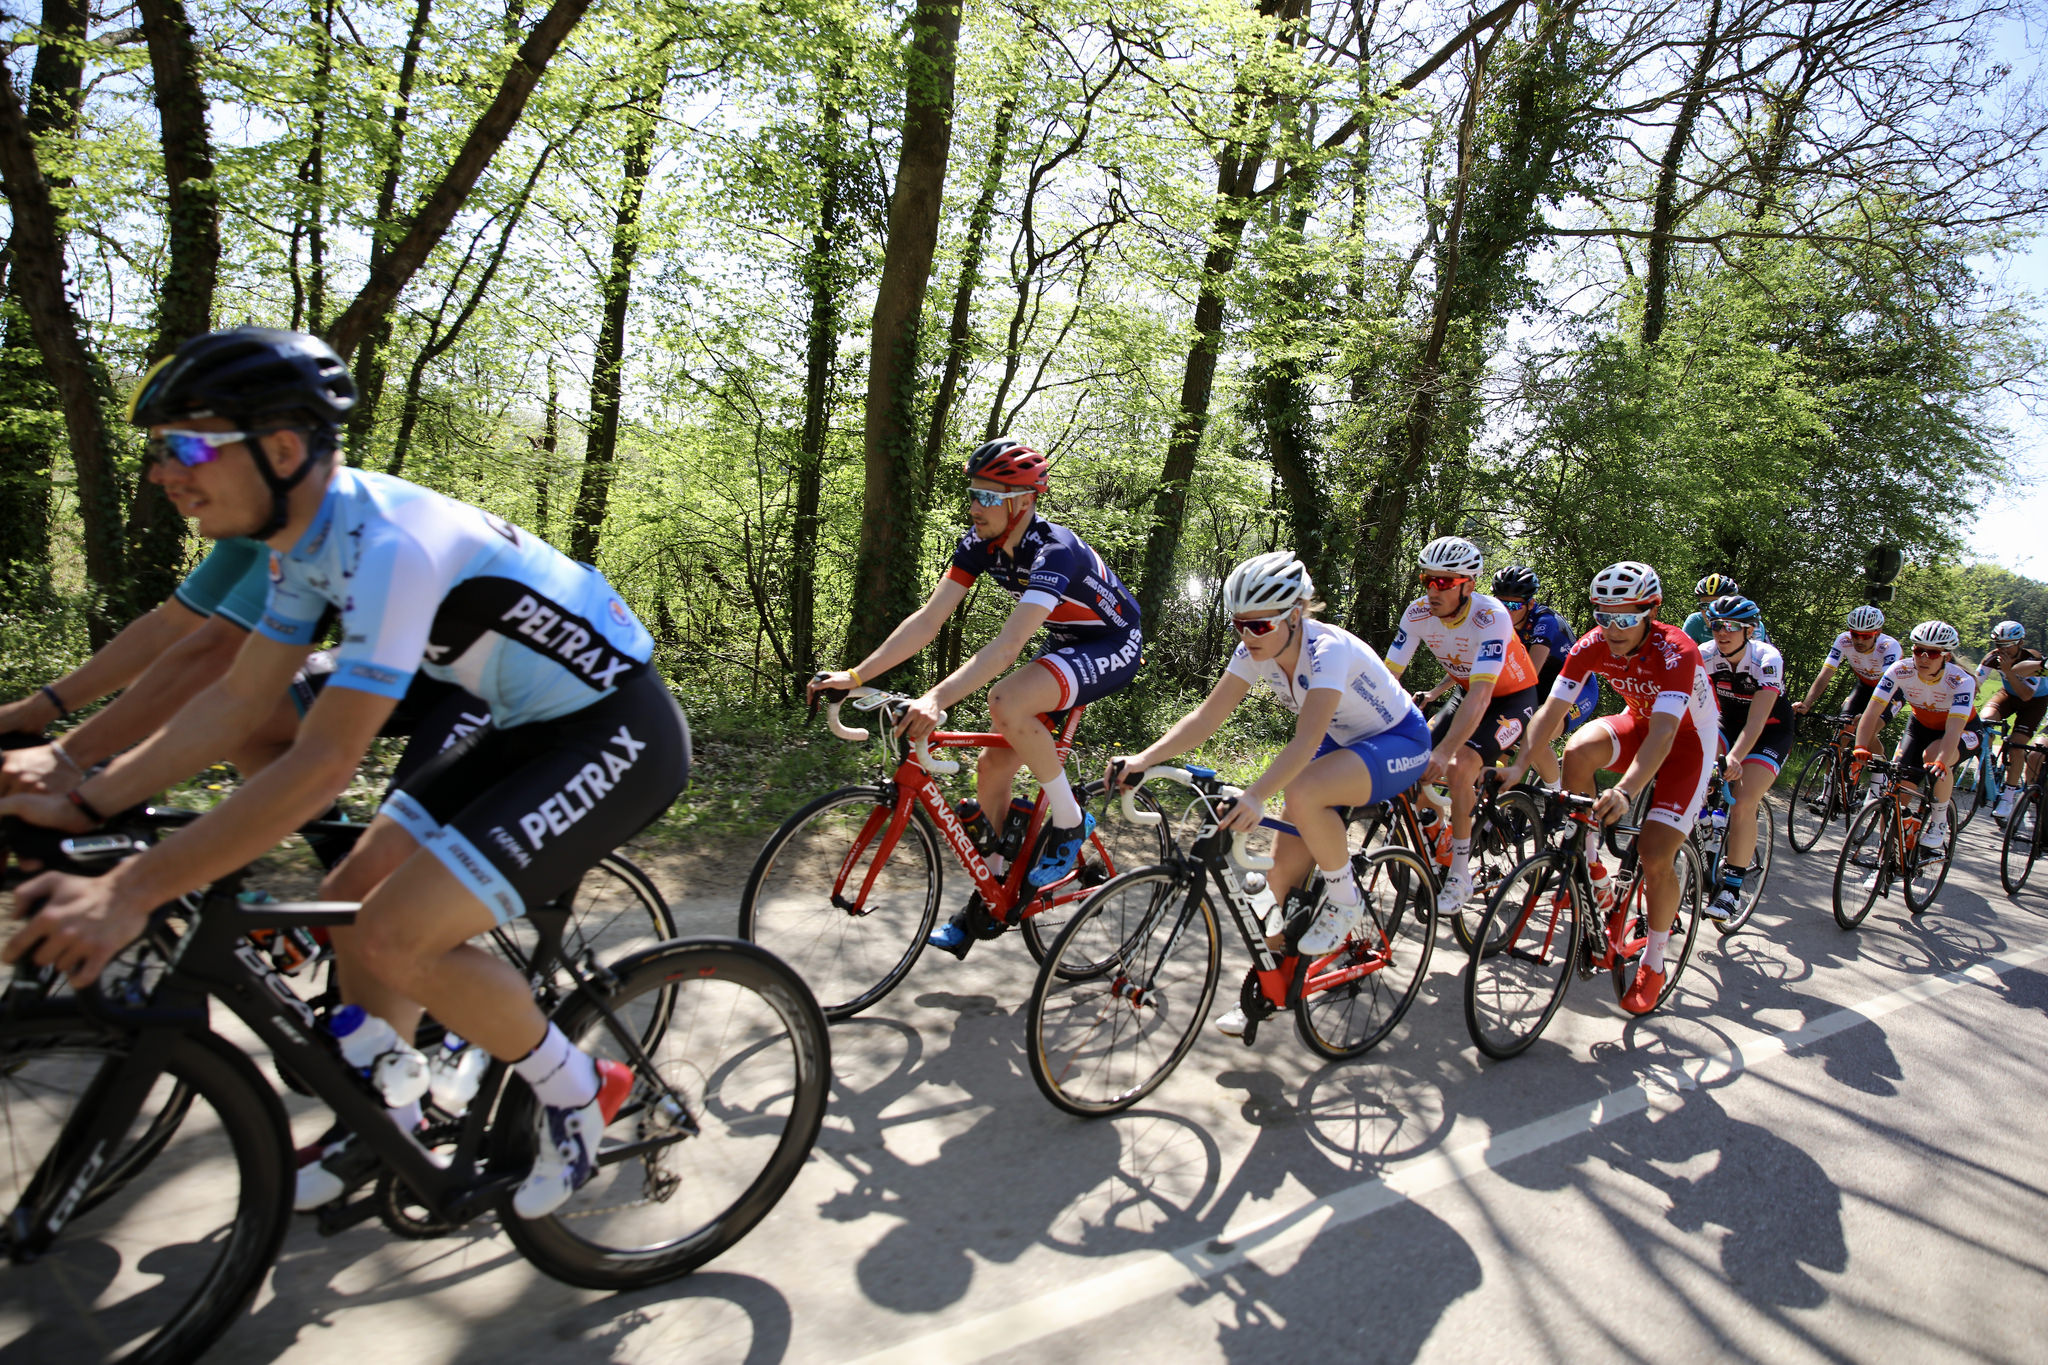 Championnats de France de cyclisme : le programme